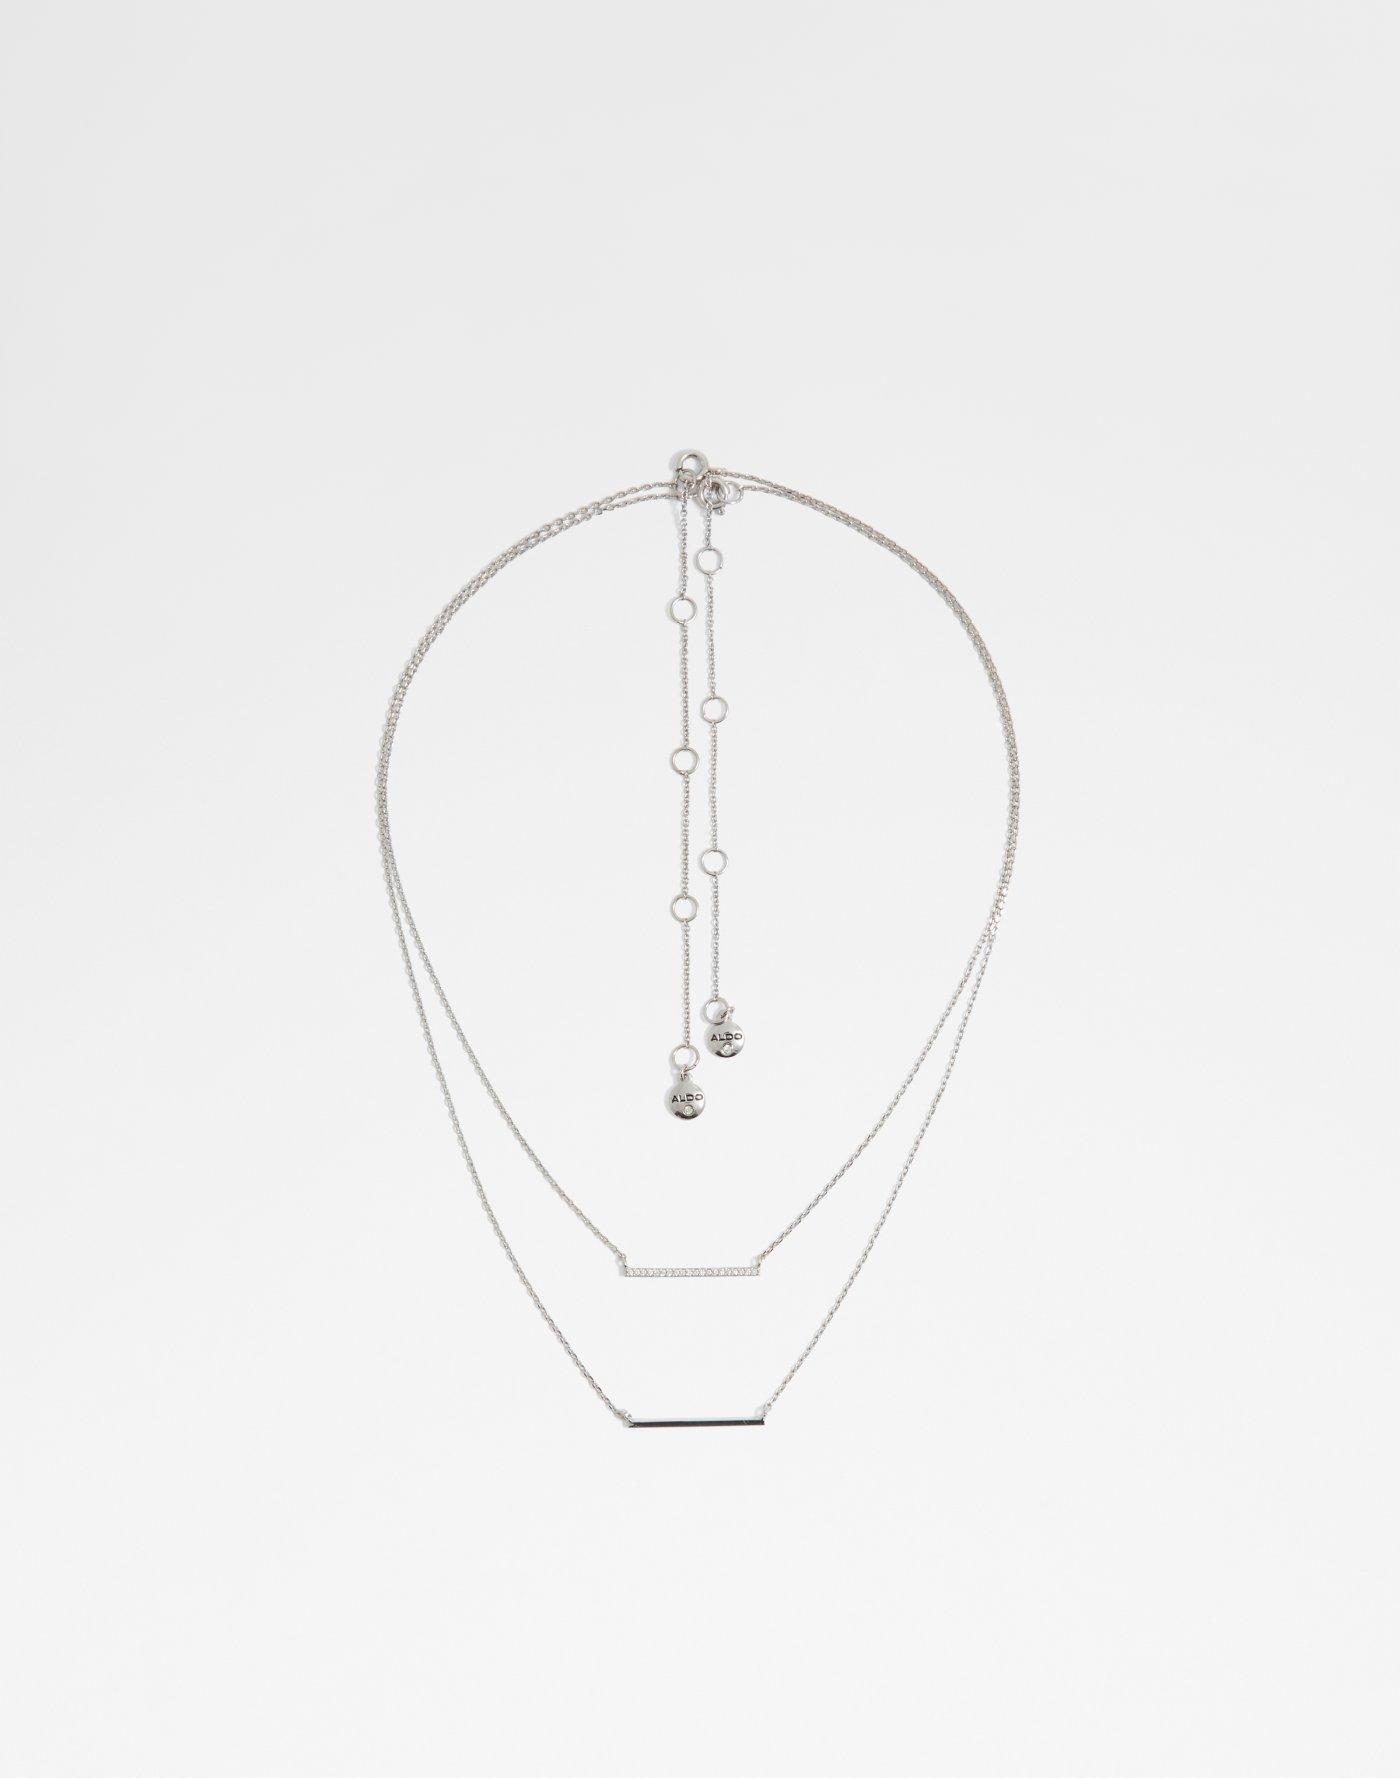 Women's Necklaces | Pendants & Chocker Necklaces | ALDO US